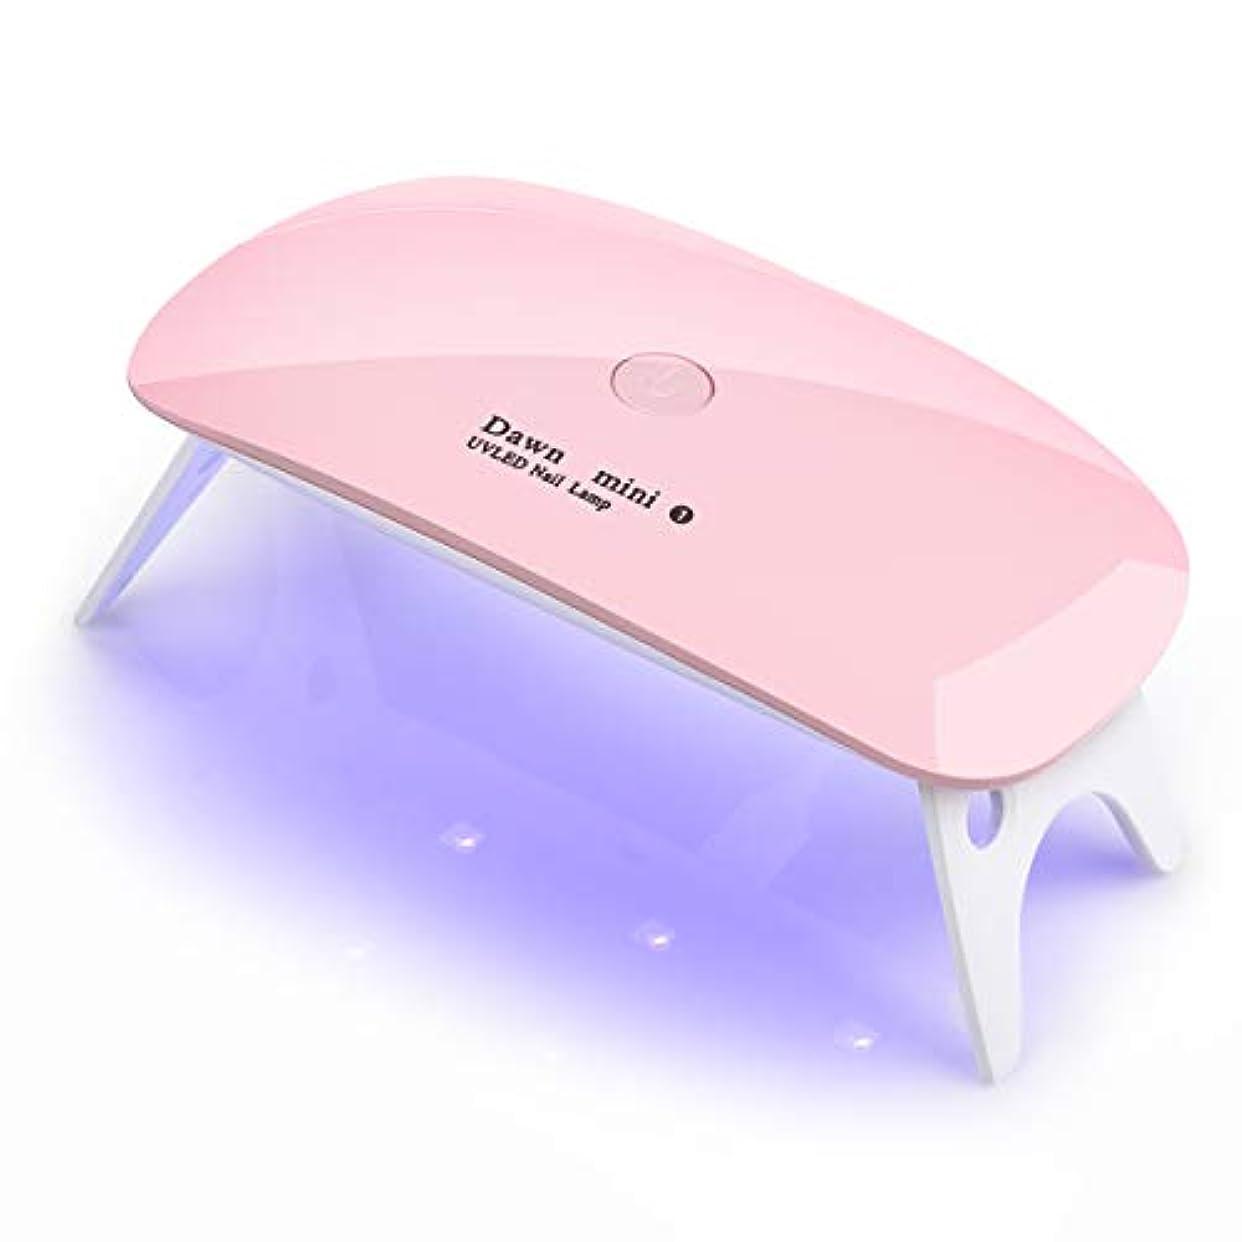 柔らかい外向きピアノLEDネイルドライヤー UVライト Foloda タイマー設定可能 折りたたみ式手足とも使える 人感センサー式 LED 硬化ライト UV と LEDダブルライト ジェルネイル用 ホワイト (ピンク)